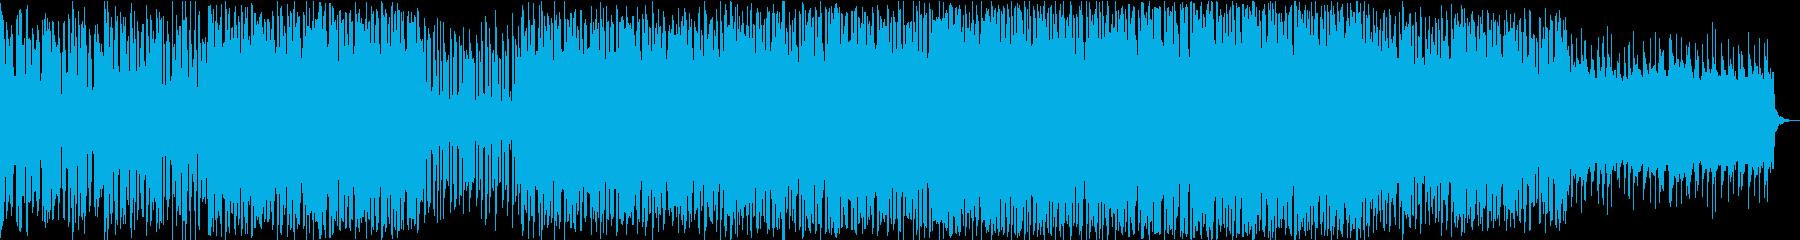 疾走感のある未来的な、宇宙的な曲ですの再生済みの波形